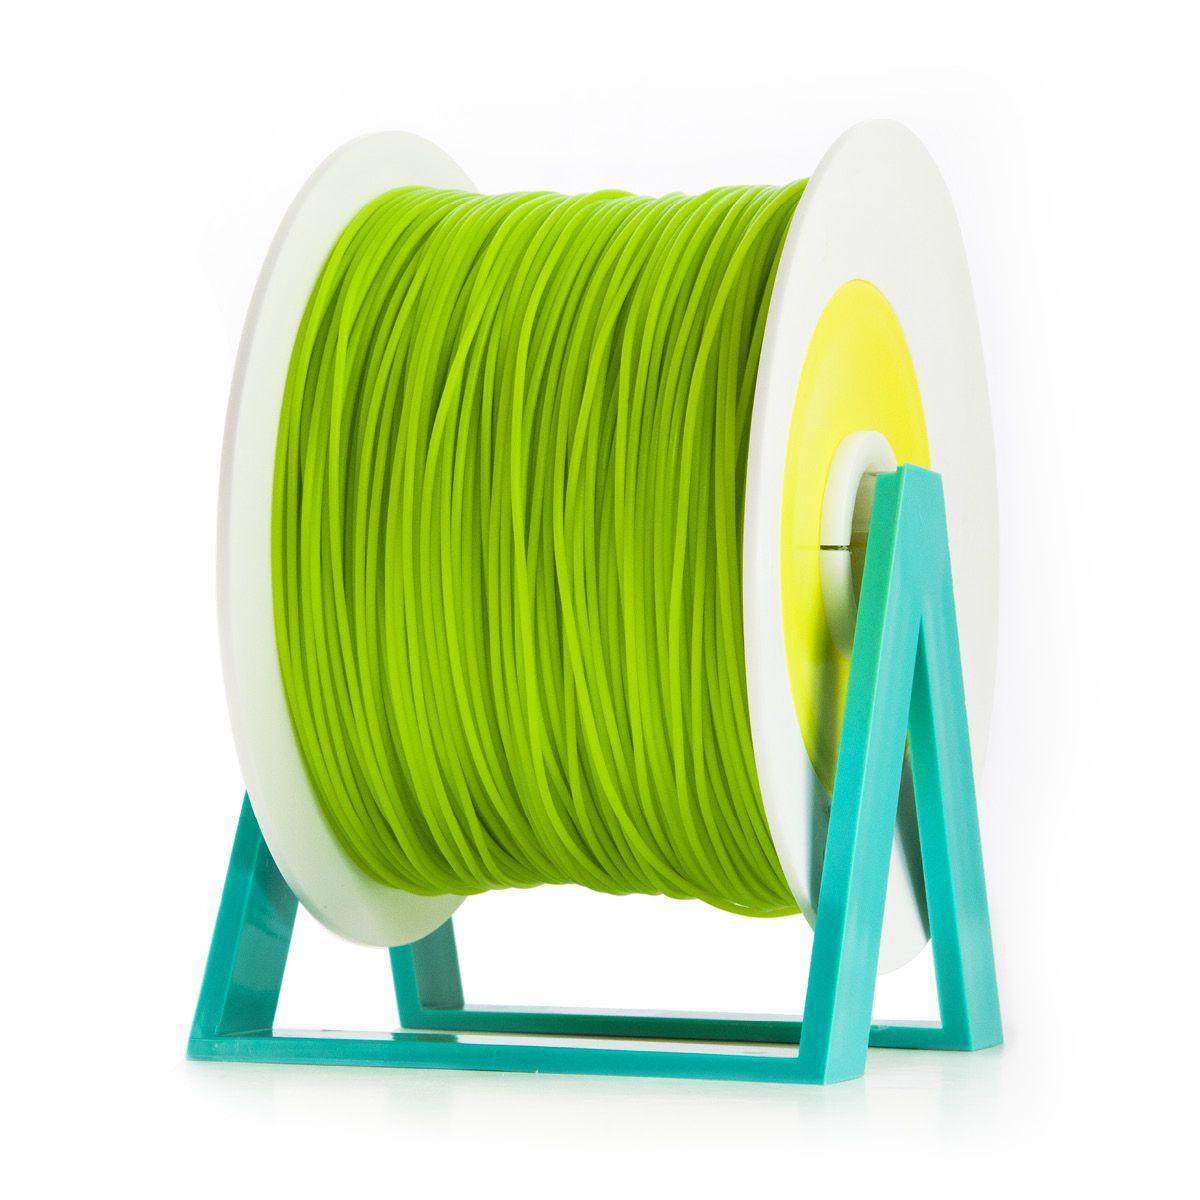 PLA Filament | Color: Green Leaf